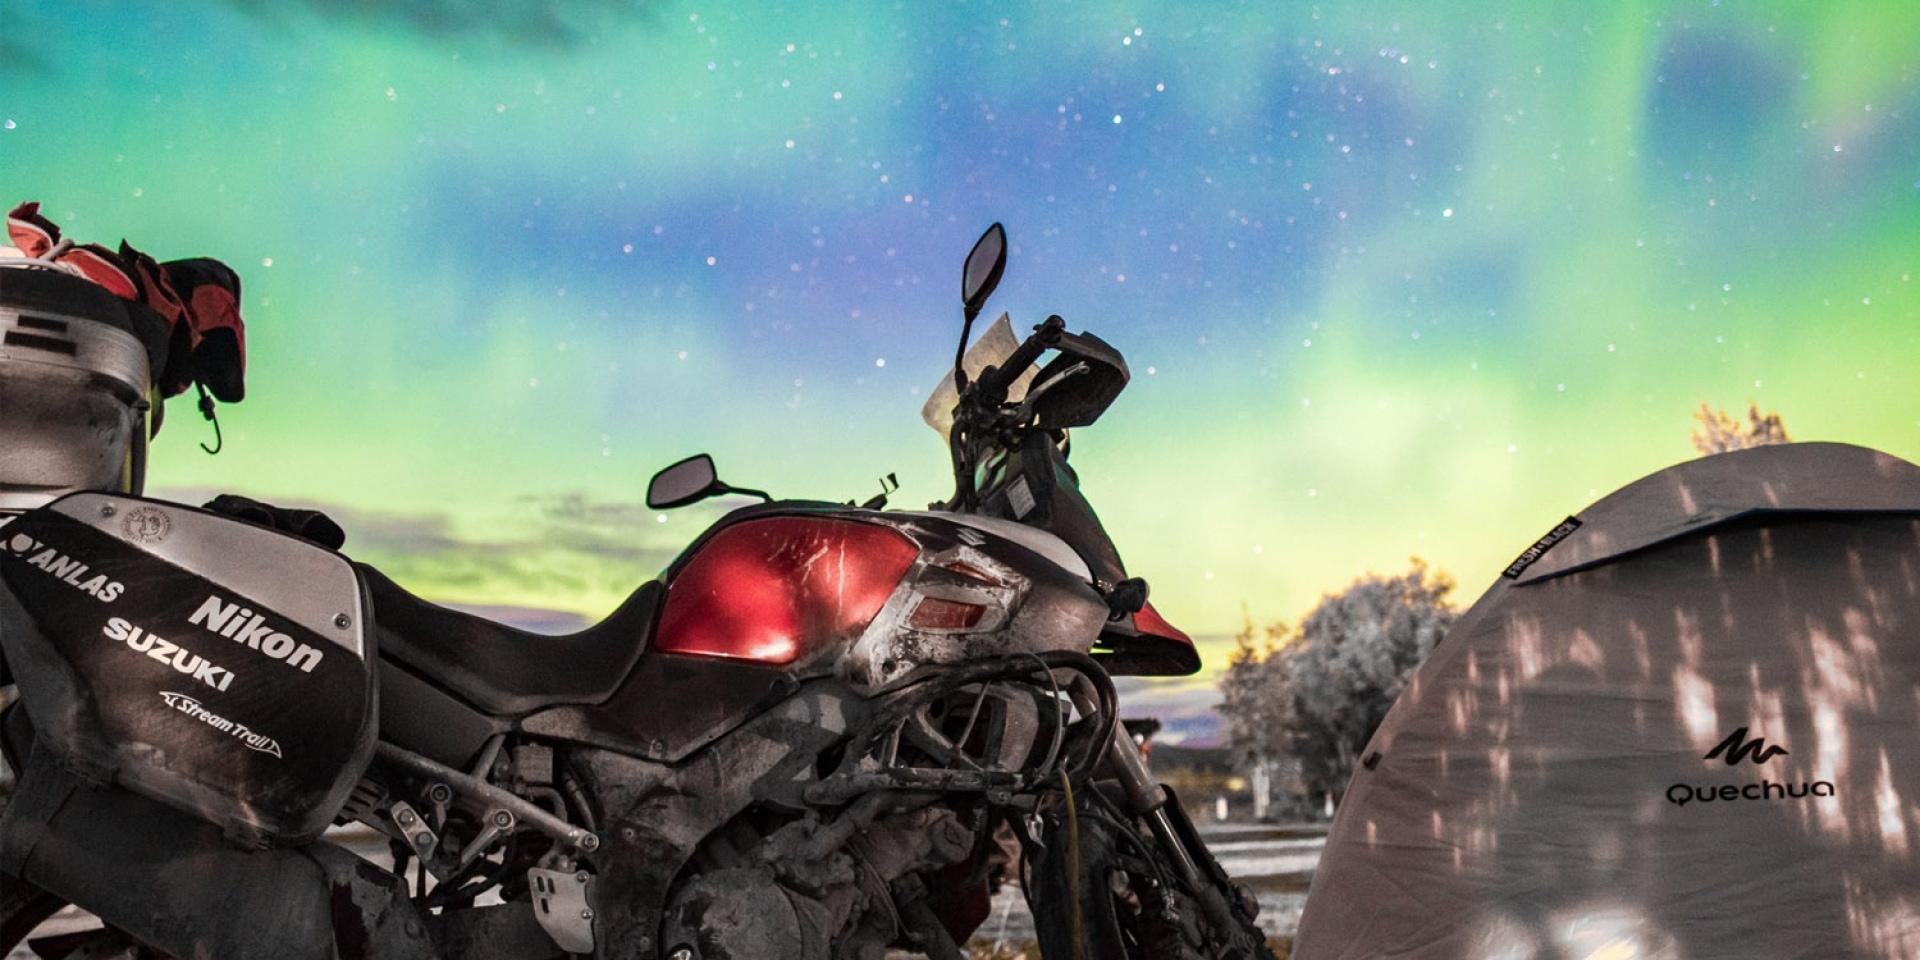 勇闖惡境,SUZUKI V-STROM 1000成功挑戰北極圈